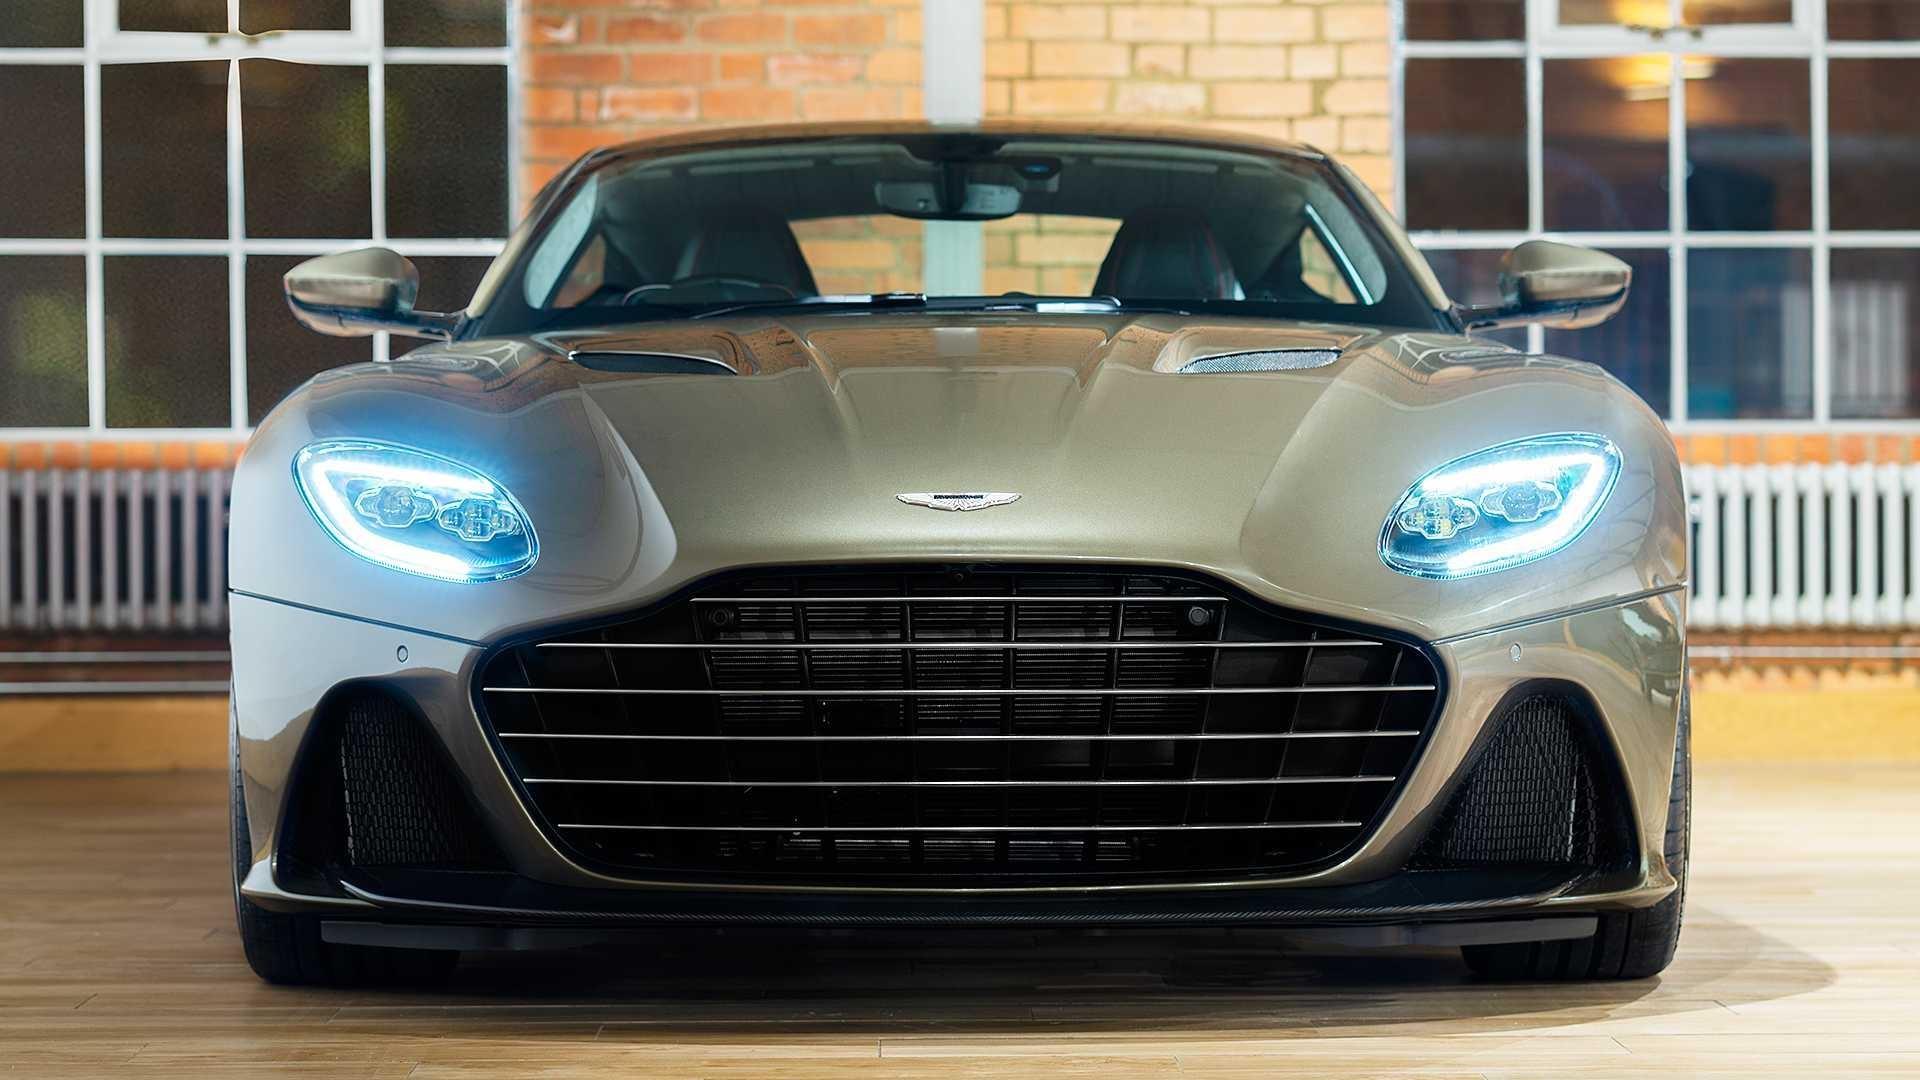 Đặc điểm dễ nhận thấy ở DBS Superleggera James Bond Special Edition là lớp sơn xanh ô liu như một sự hồi tưởng về mẫu coupe trong bộ phim ra rạp vào thập niên 60. Lưới tản nhiệt dạng thanh ngang cũng được lấy cảm hứng từ những chiếc Aston Martin cổ điển.